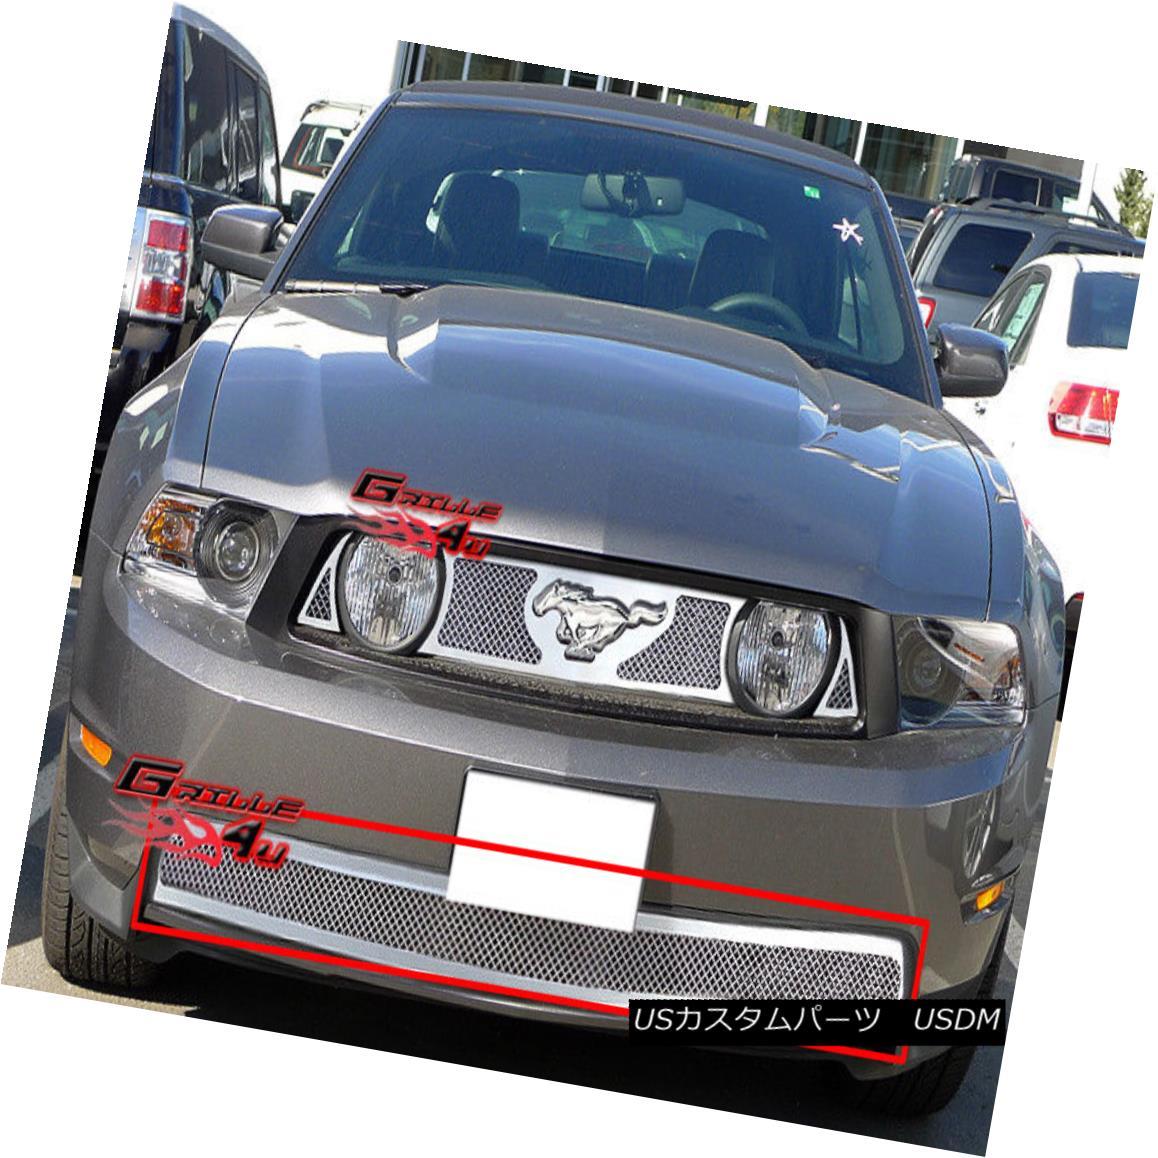 グリル 2010-2012 Ford Mustang GT V8 Bumper Stainless Steel Mesh Grille Grill Insert 2010-2012フォードマスタングGT V8バンパーステンレスメッシュグリルグリルインサート